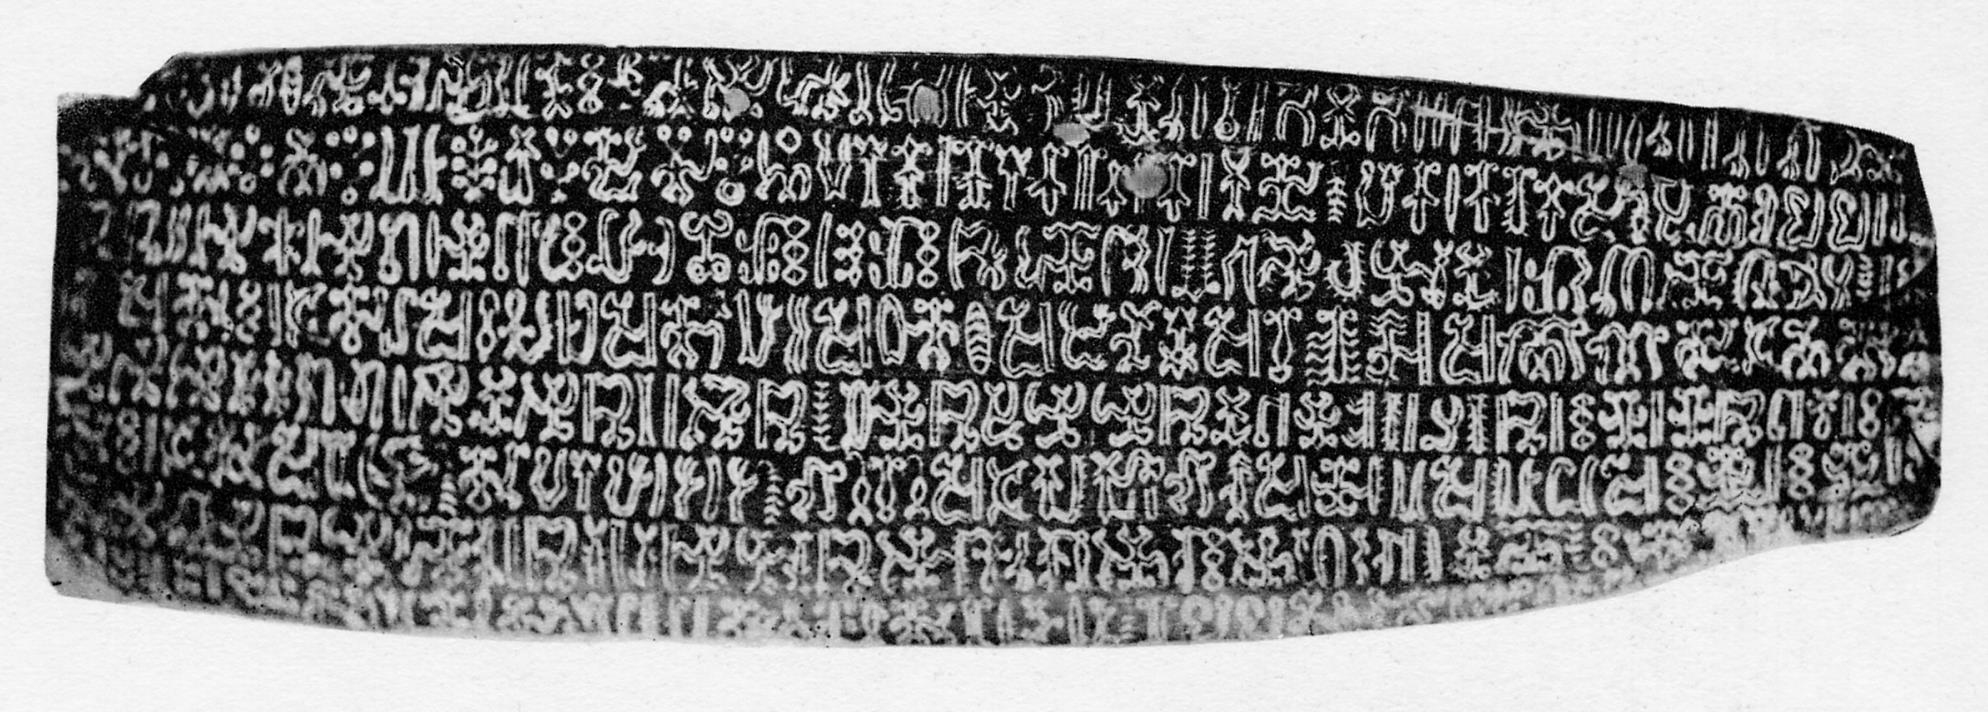 La Escritura Rongo rongo